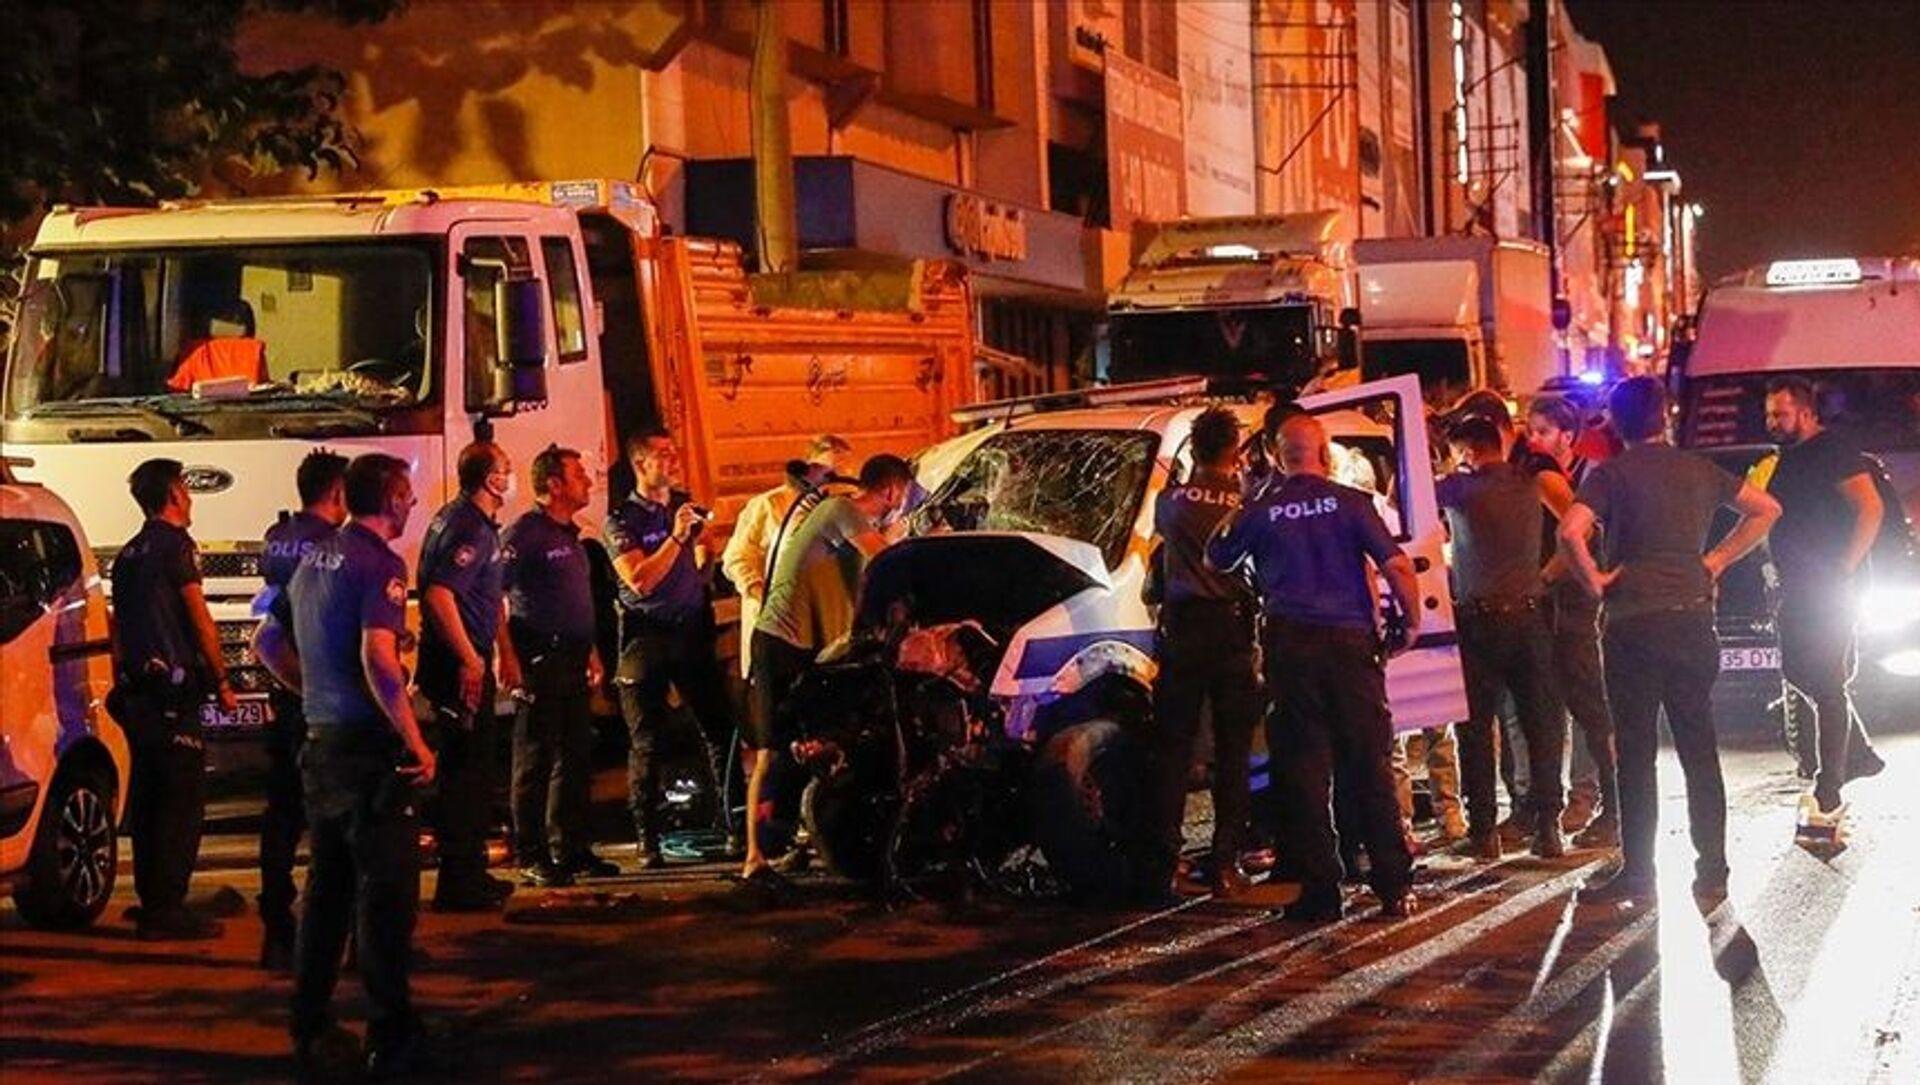 İzmir'de polis aracıyla otomobilin çarpışması sonucu 1 polis hayatını kaybetti - Sputnik Türkiye, 1920, 04.08.2021